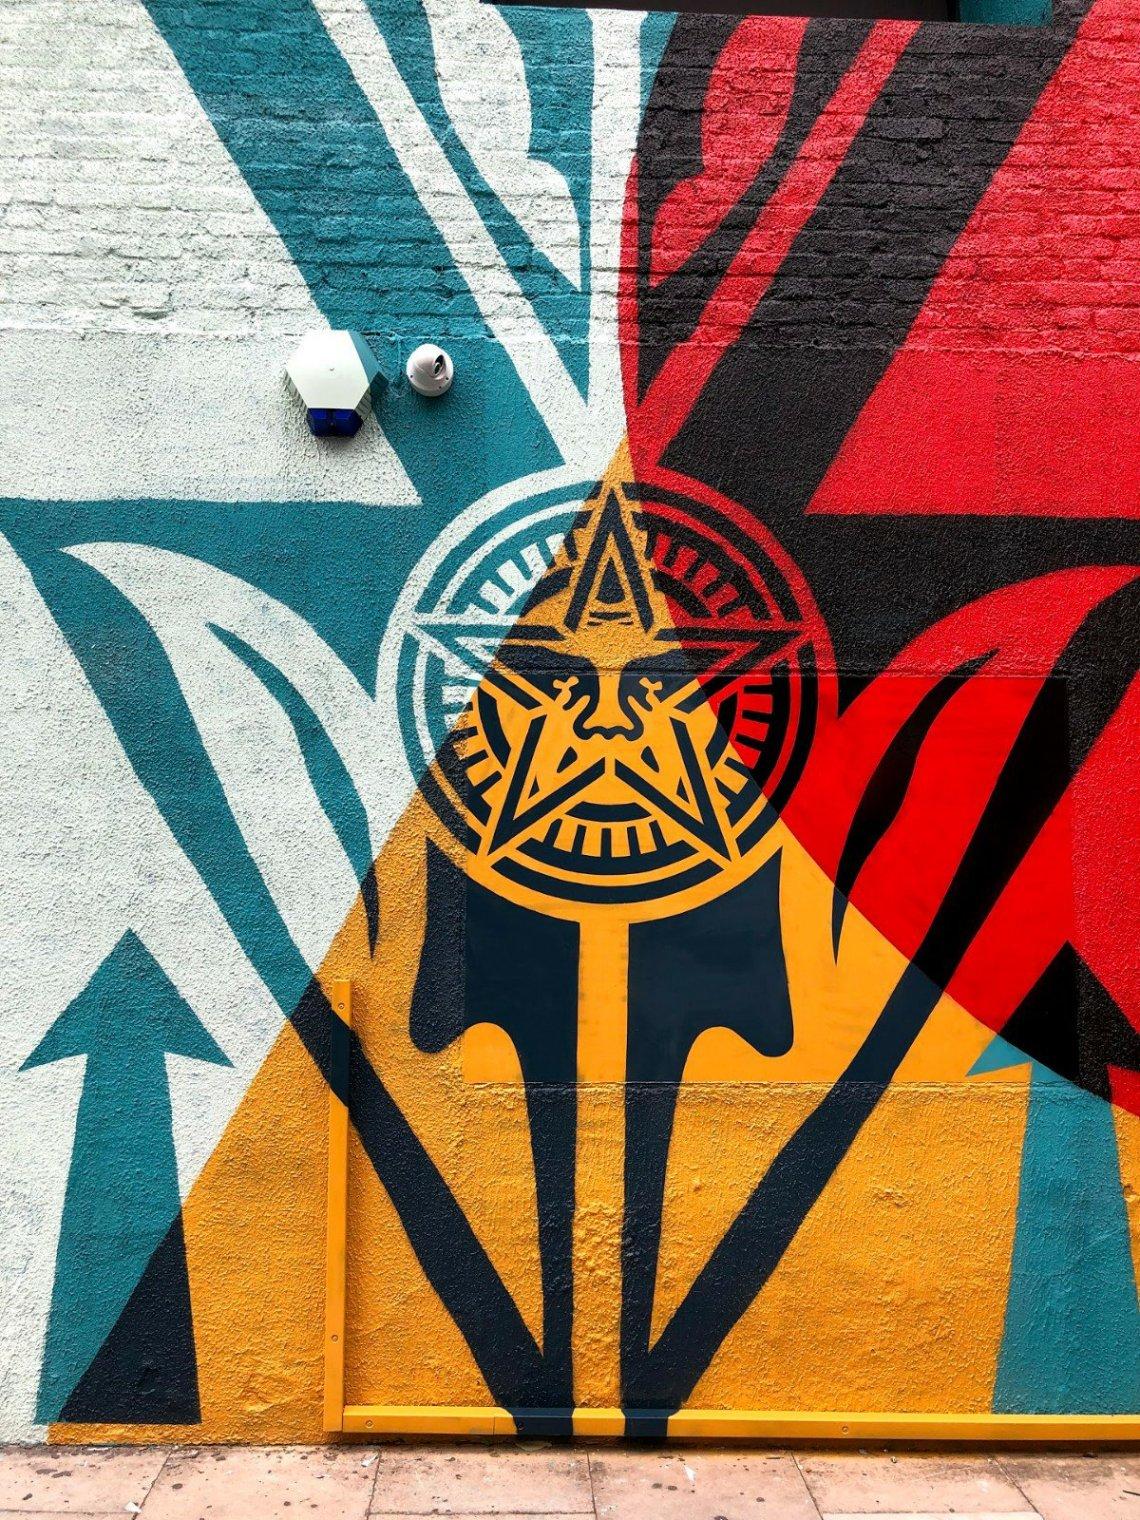 Obey symbol by Shepard Fairey in London